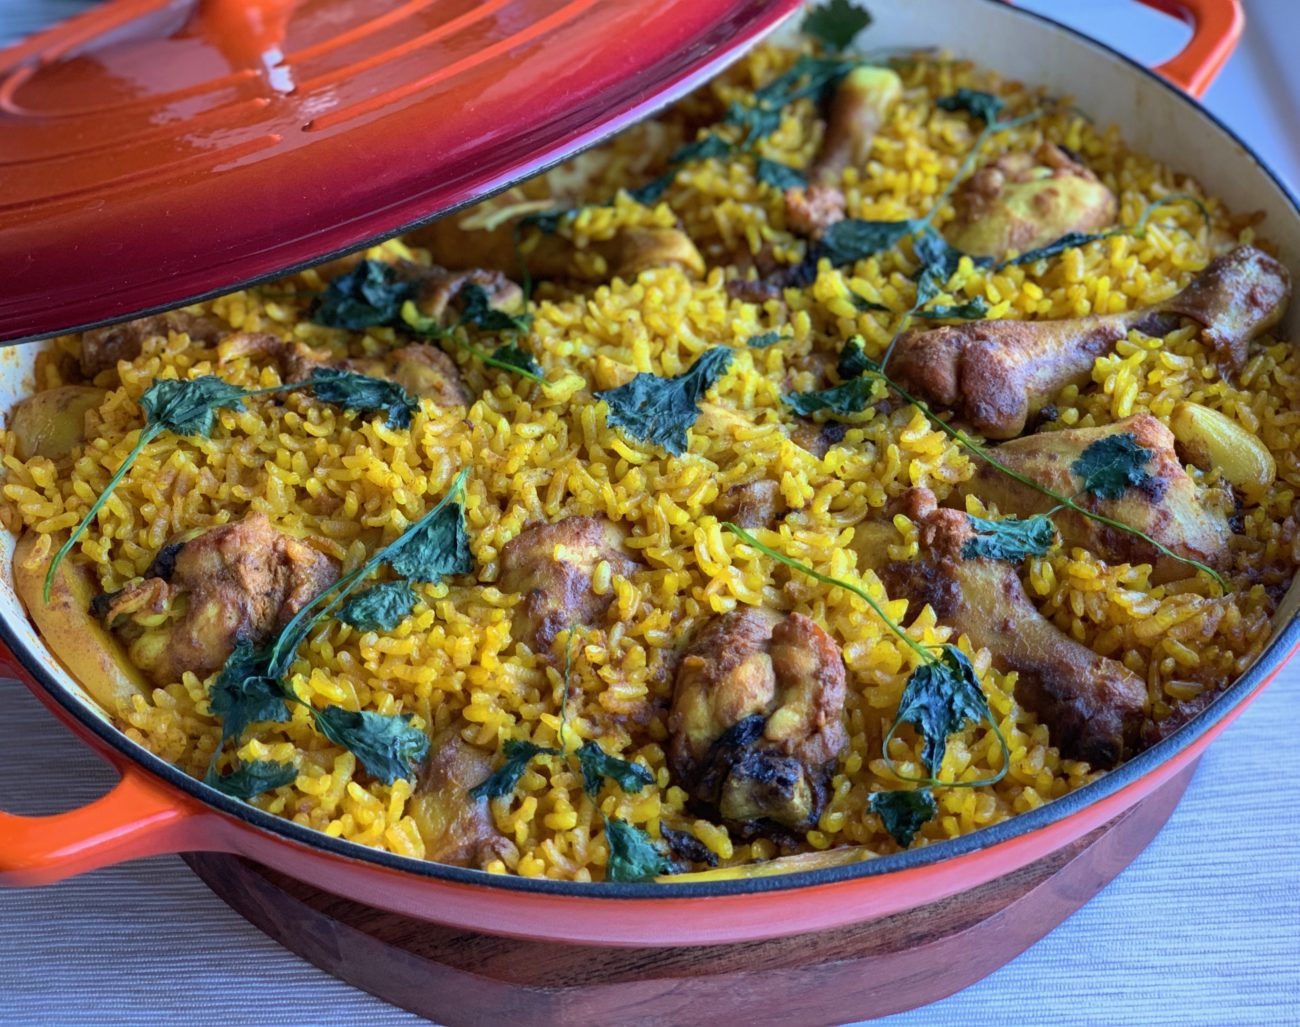 הכל בסיר אחד – עוף עם אורז ותפו״א בכורכום